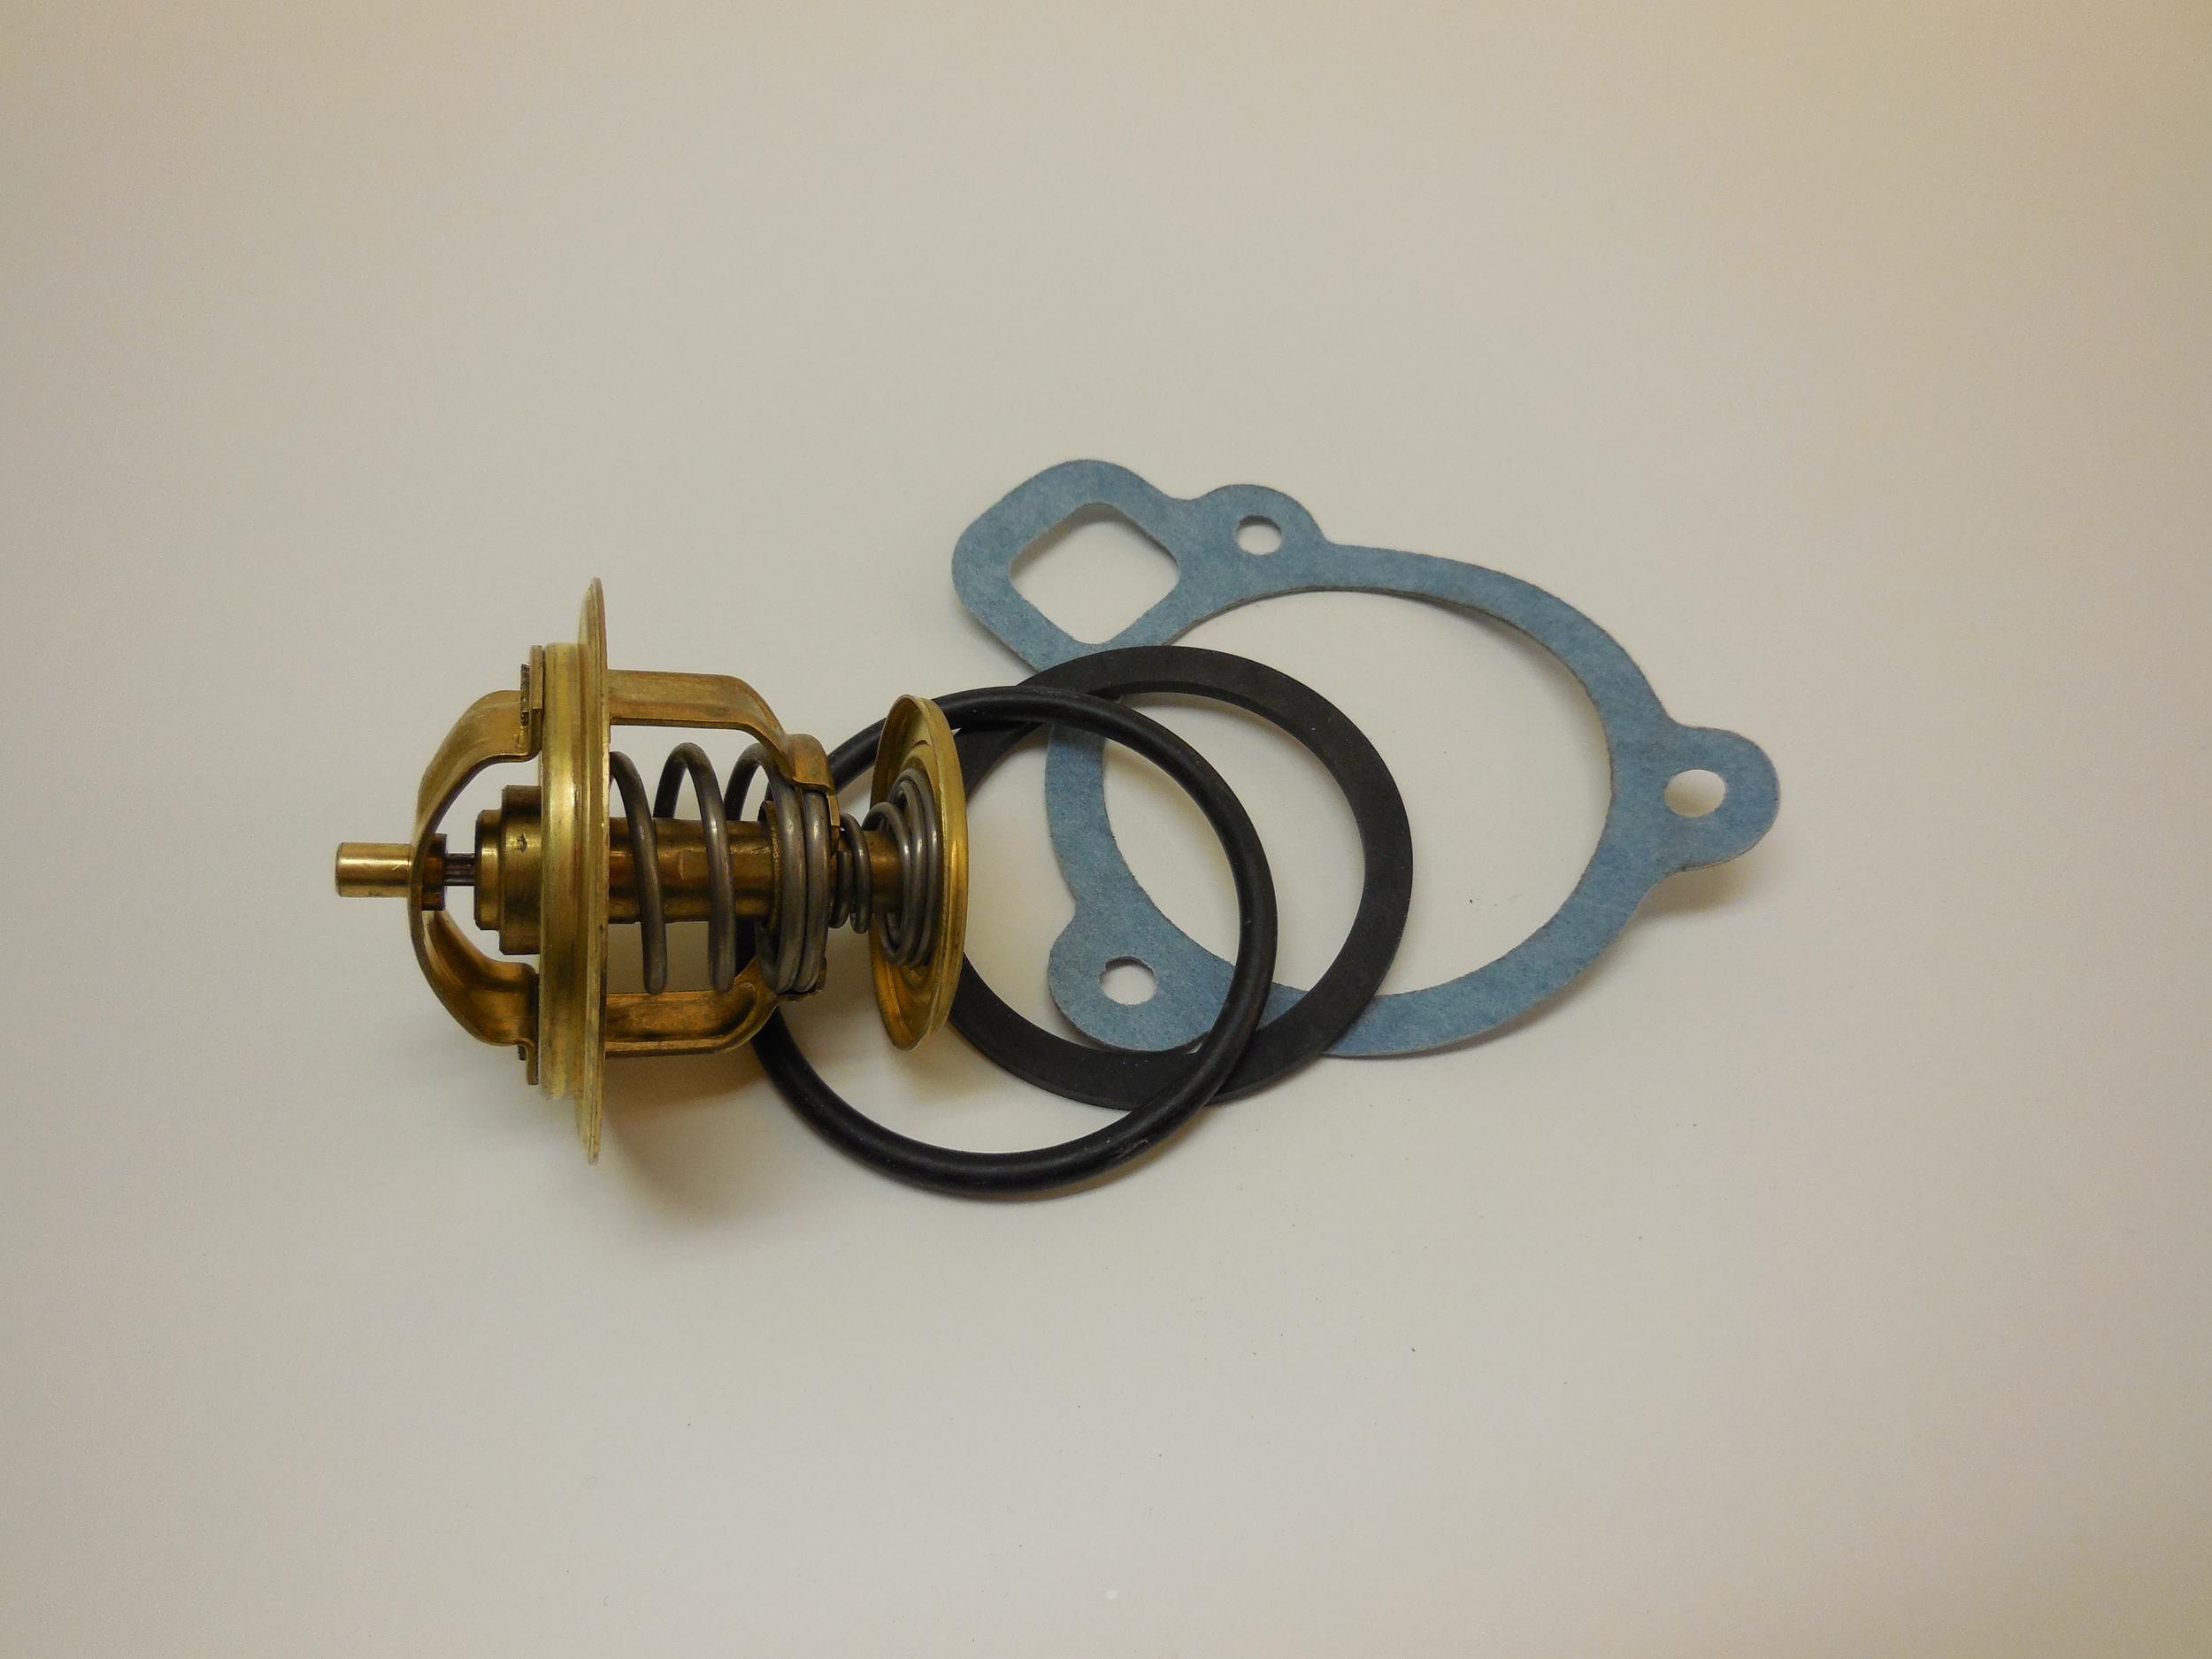 Thermostat Häggo Nr: 453 6208-002 PRICE: 250 sek